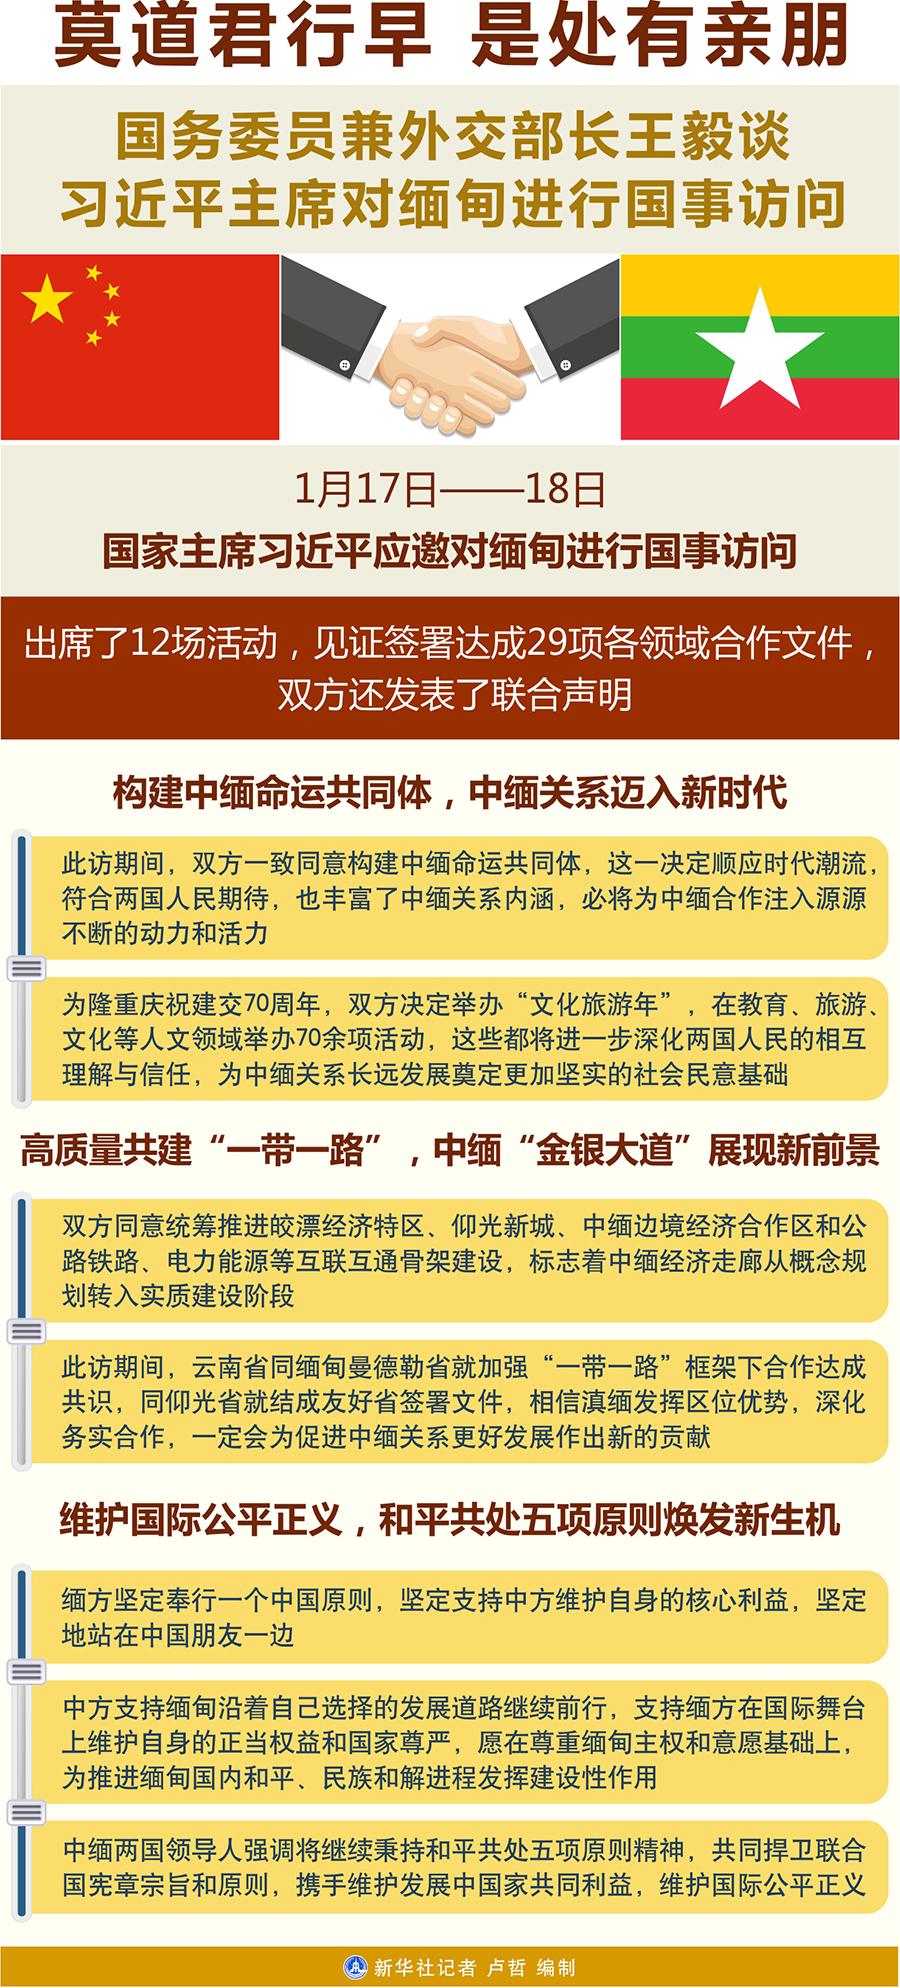 淅川县仓房镇小:明察秋毫  整理上报 脱贫攻坚  集中行动